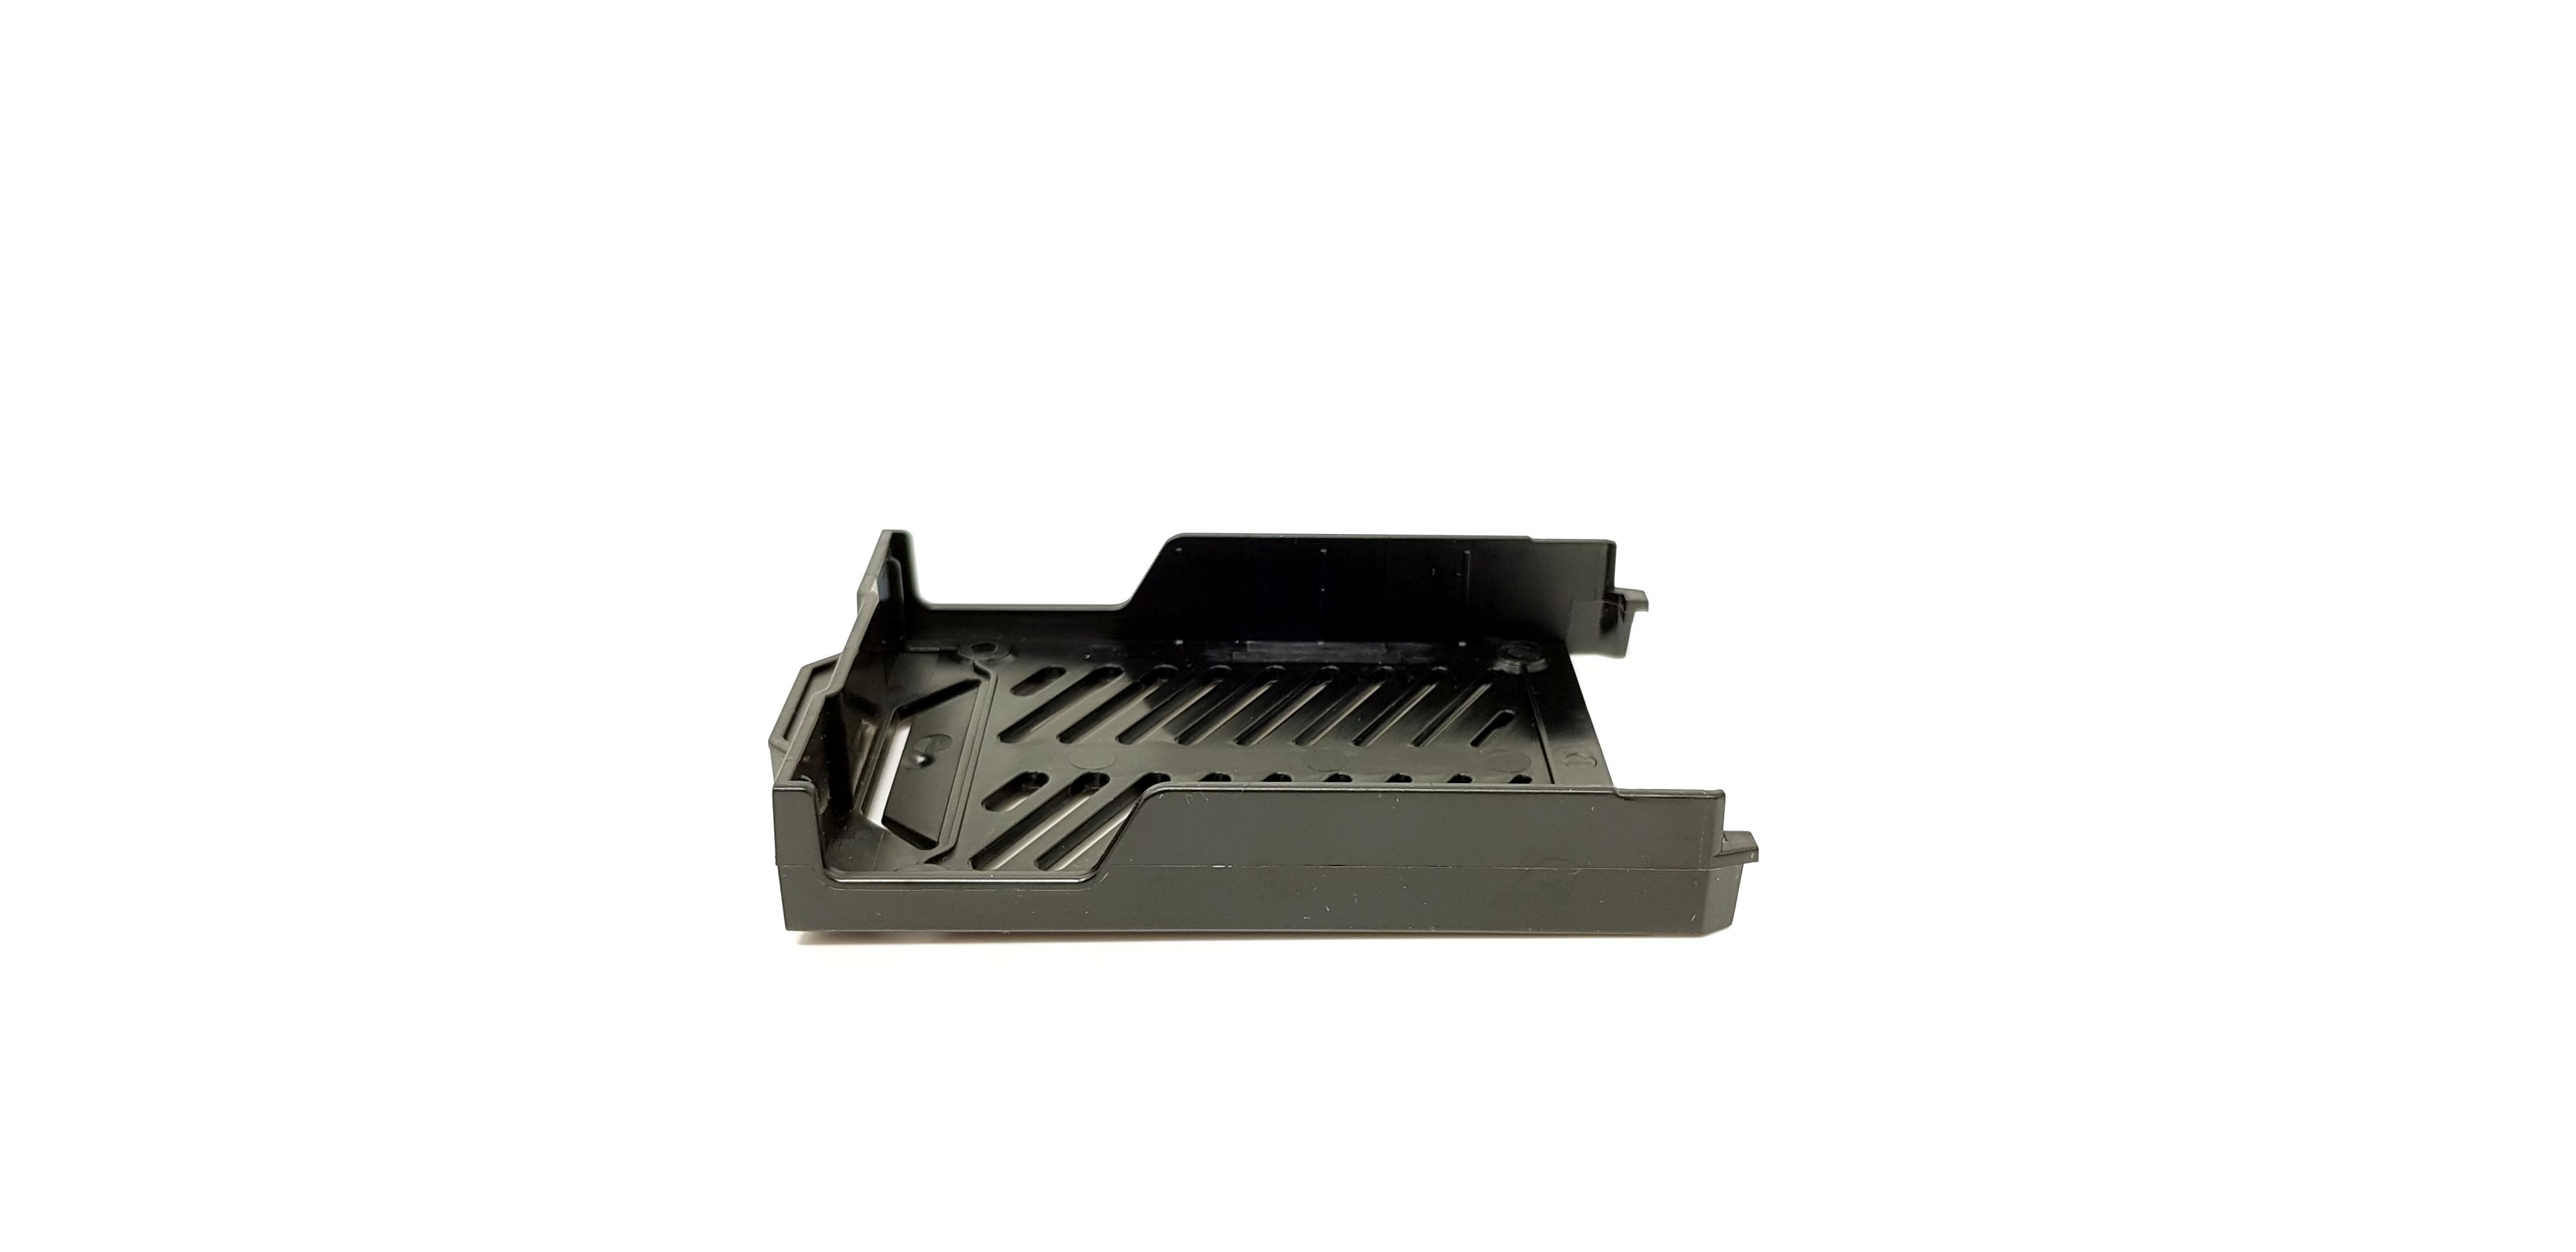 Dreambox DM920 UHD Festplattenhalter